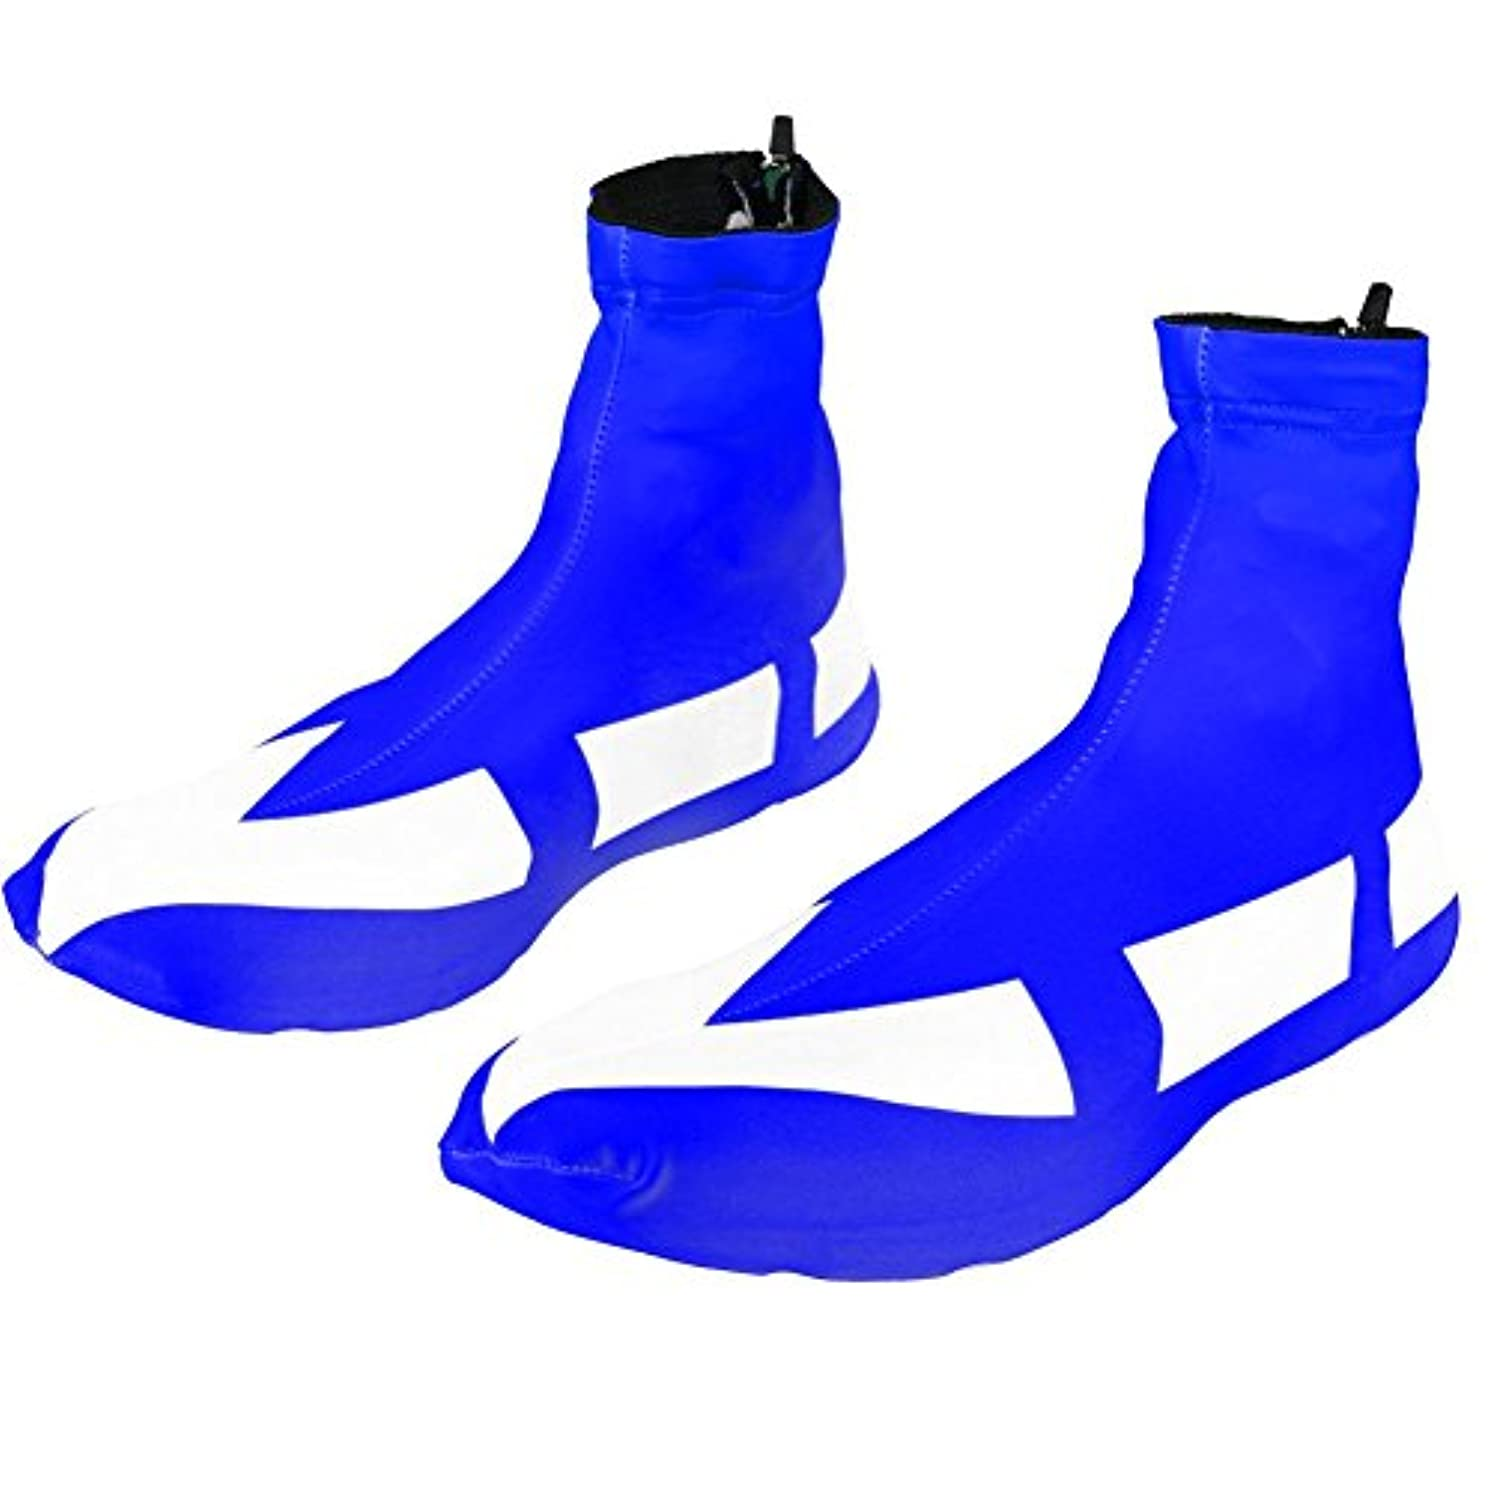 反抗母適性vgeby 1ペア自転車靴カバー、アウトドアスポーツ自転車靴カバー防風防塵Overshoes背面ファスナー付き